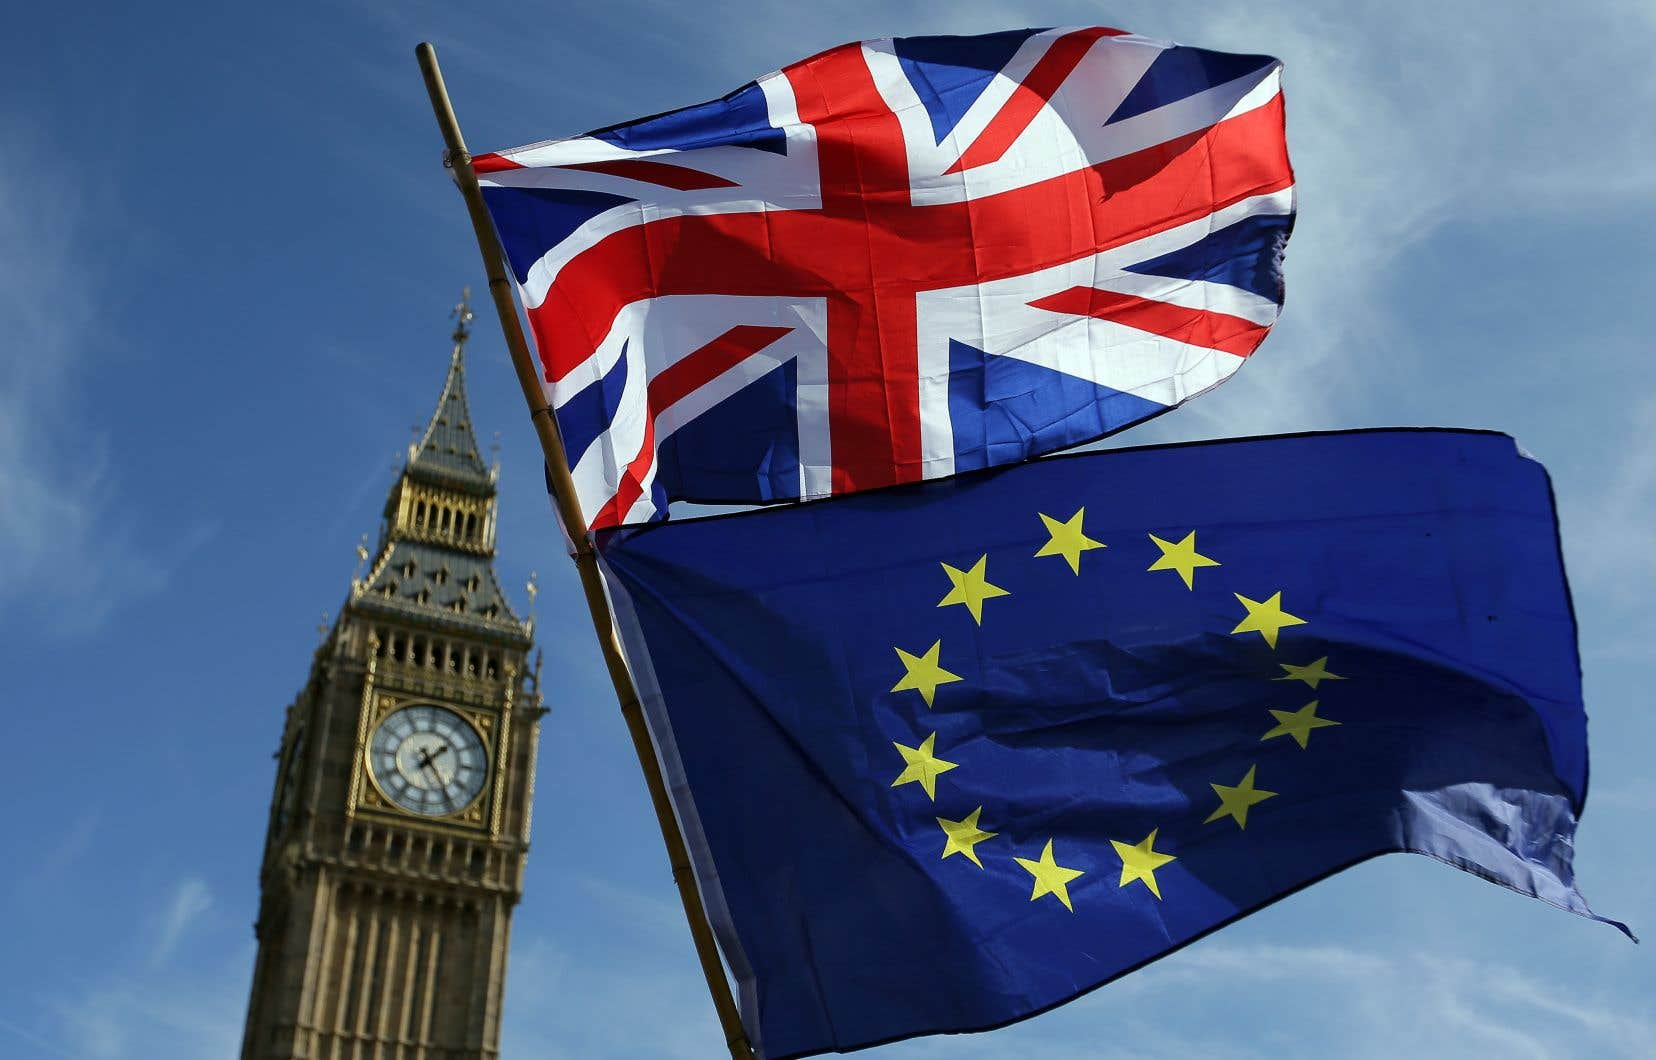 Les ministres britanniques se réuniront mercredi à Londres pour prendre connaissance du texte de l'accord. Les 27 ambassadeurs de l'Union européenne participeront au même moment à un exercice similaire à Bruxelles.